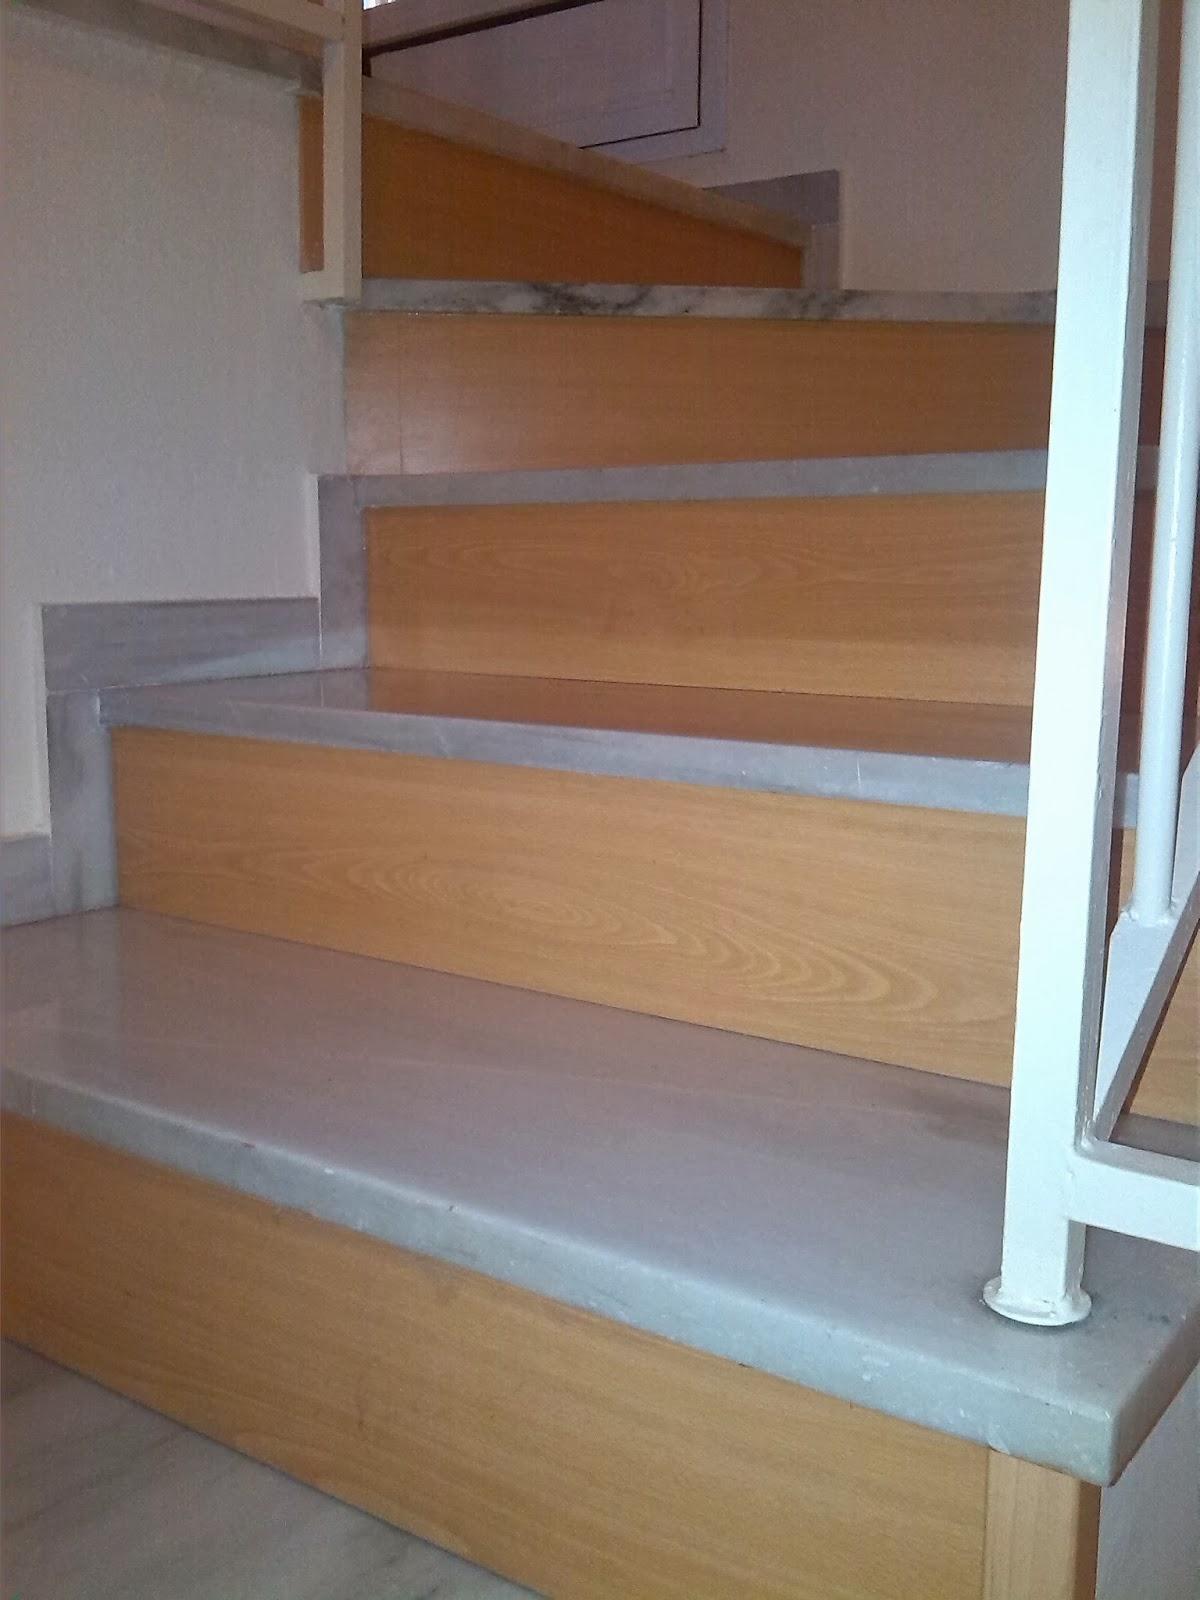 Nicolas rojas instalaciones tarima cocinas armarios for Escaleras de madera sencillas